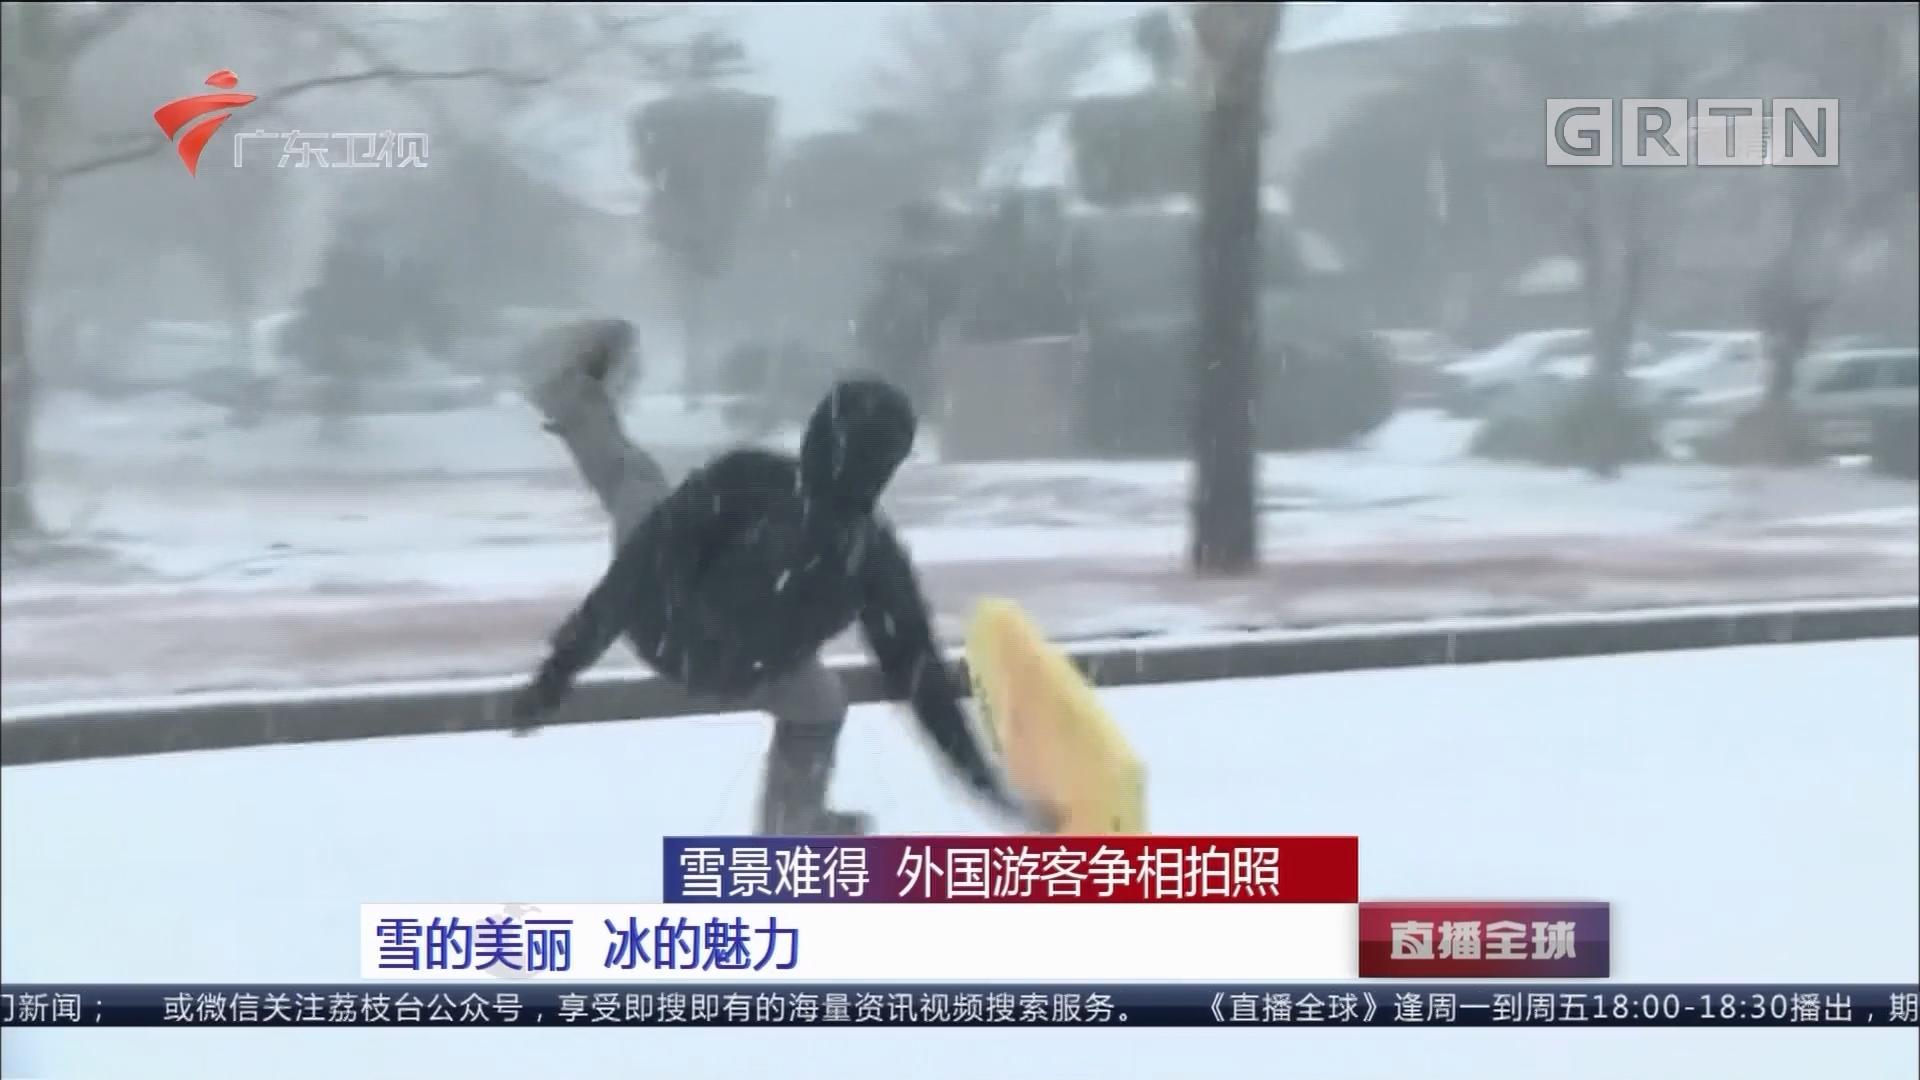 雪景难得 外国游客争相拍照:雪的美丽 冰的魅力